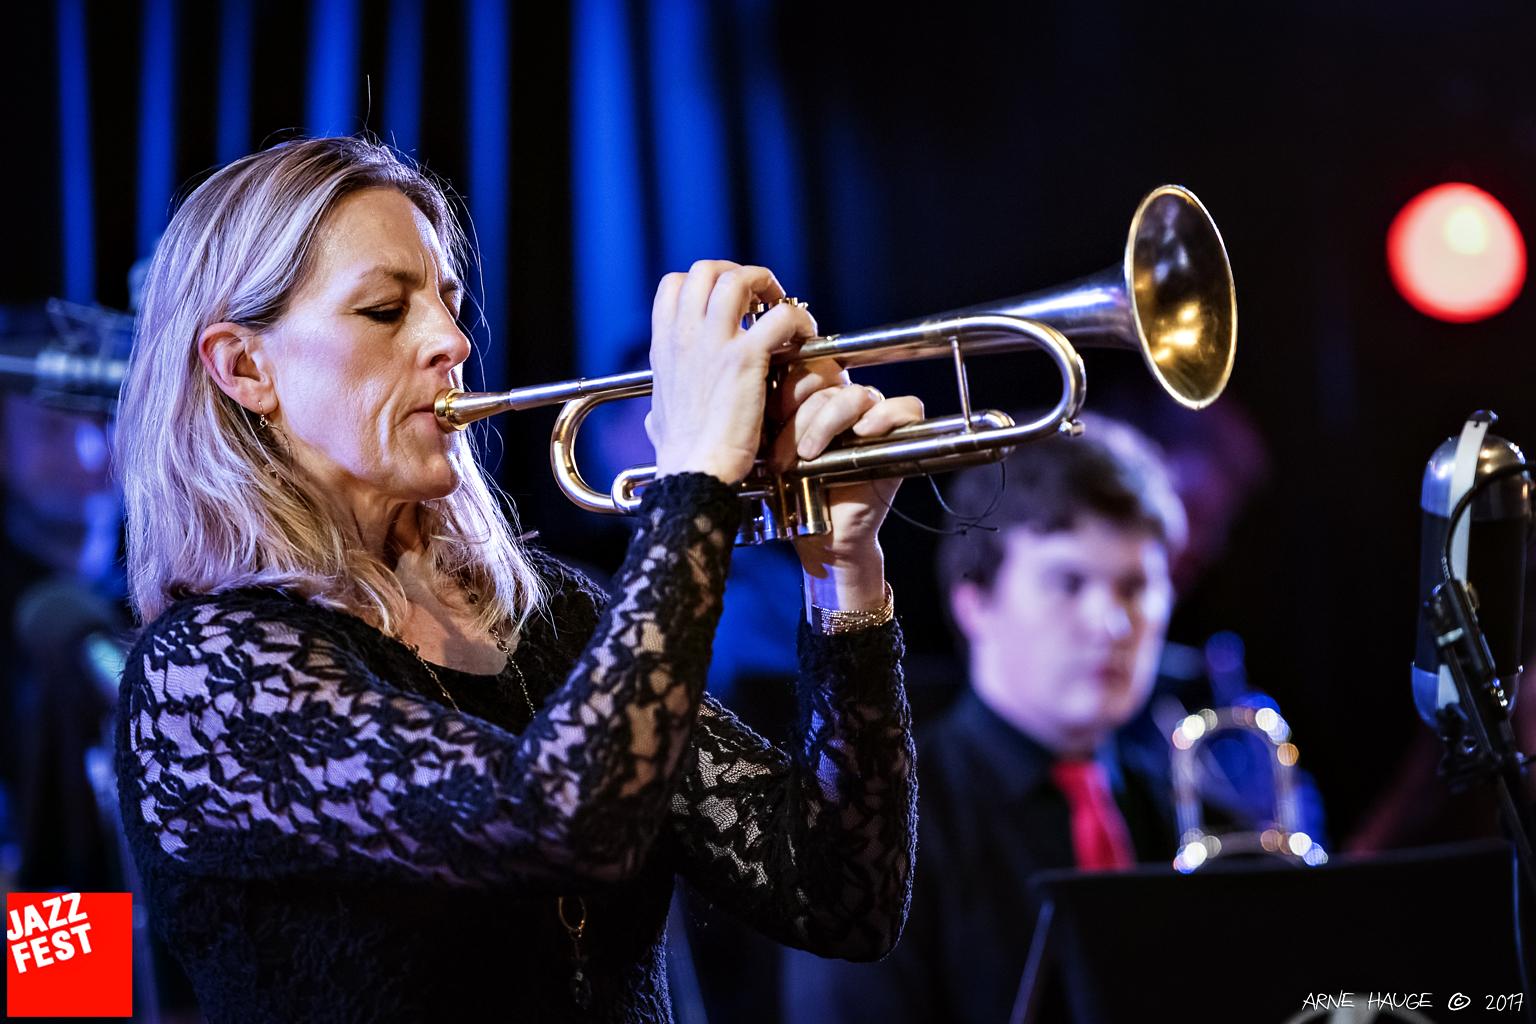 Ingrid Jensen & Kjellerbandet_13.jpg